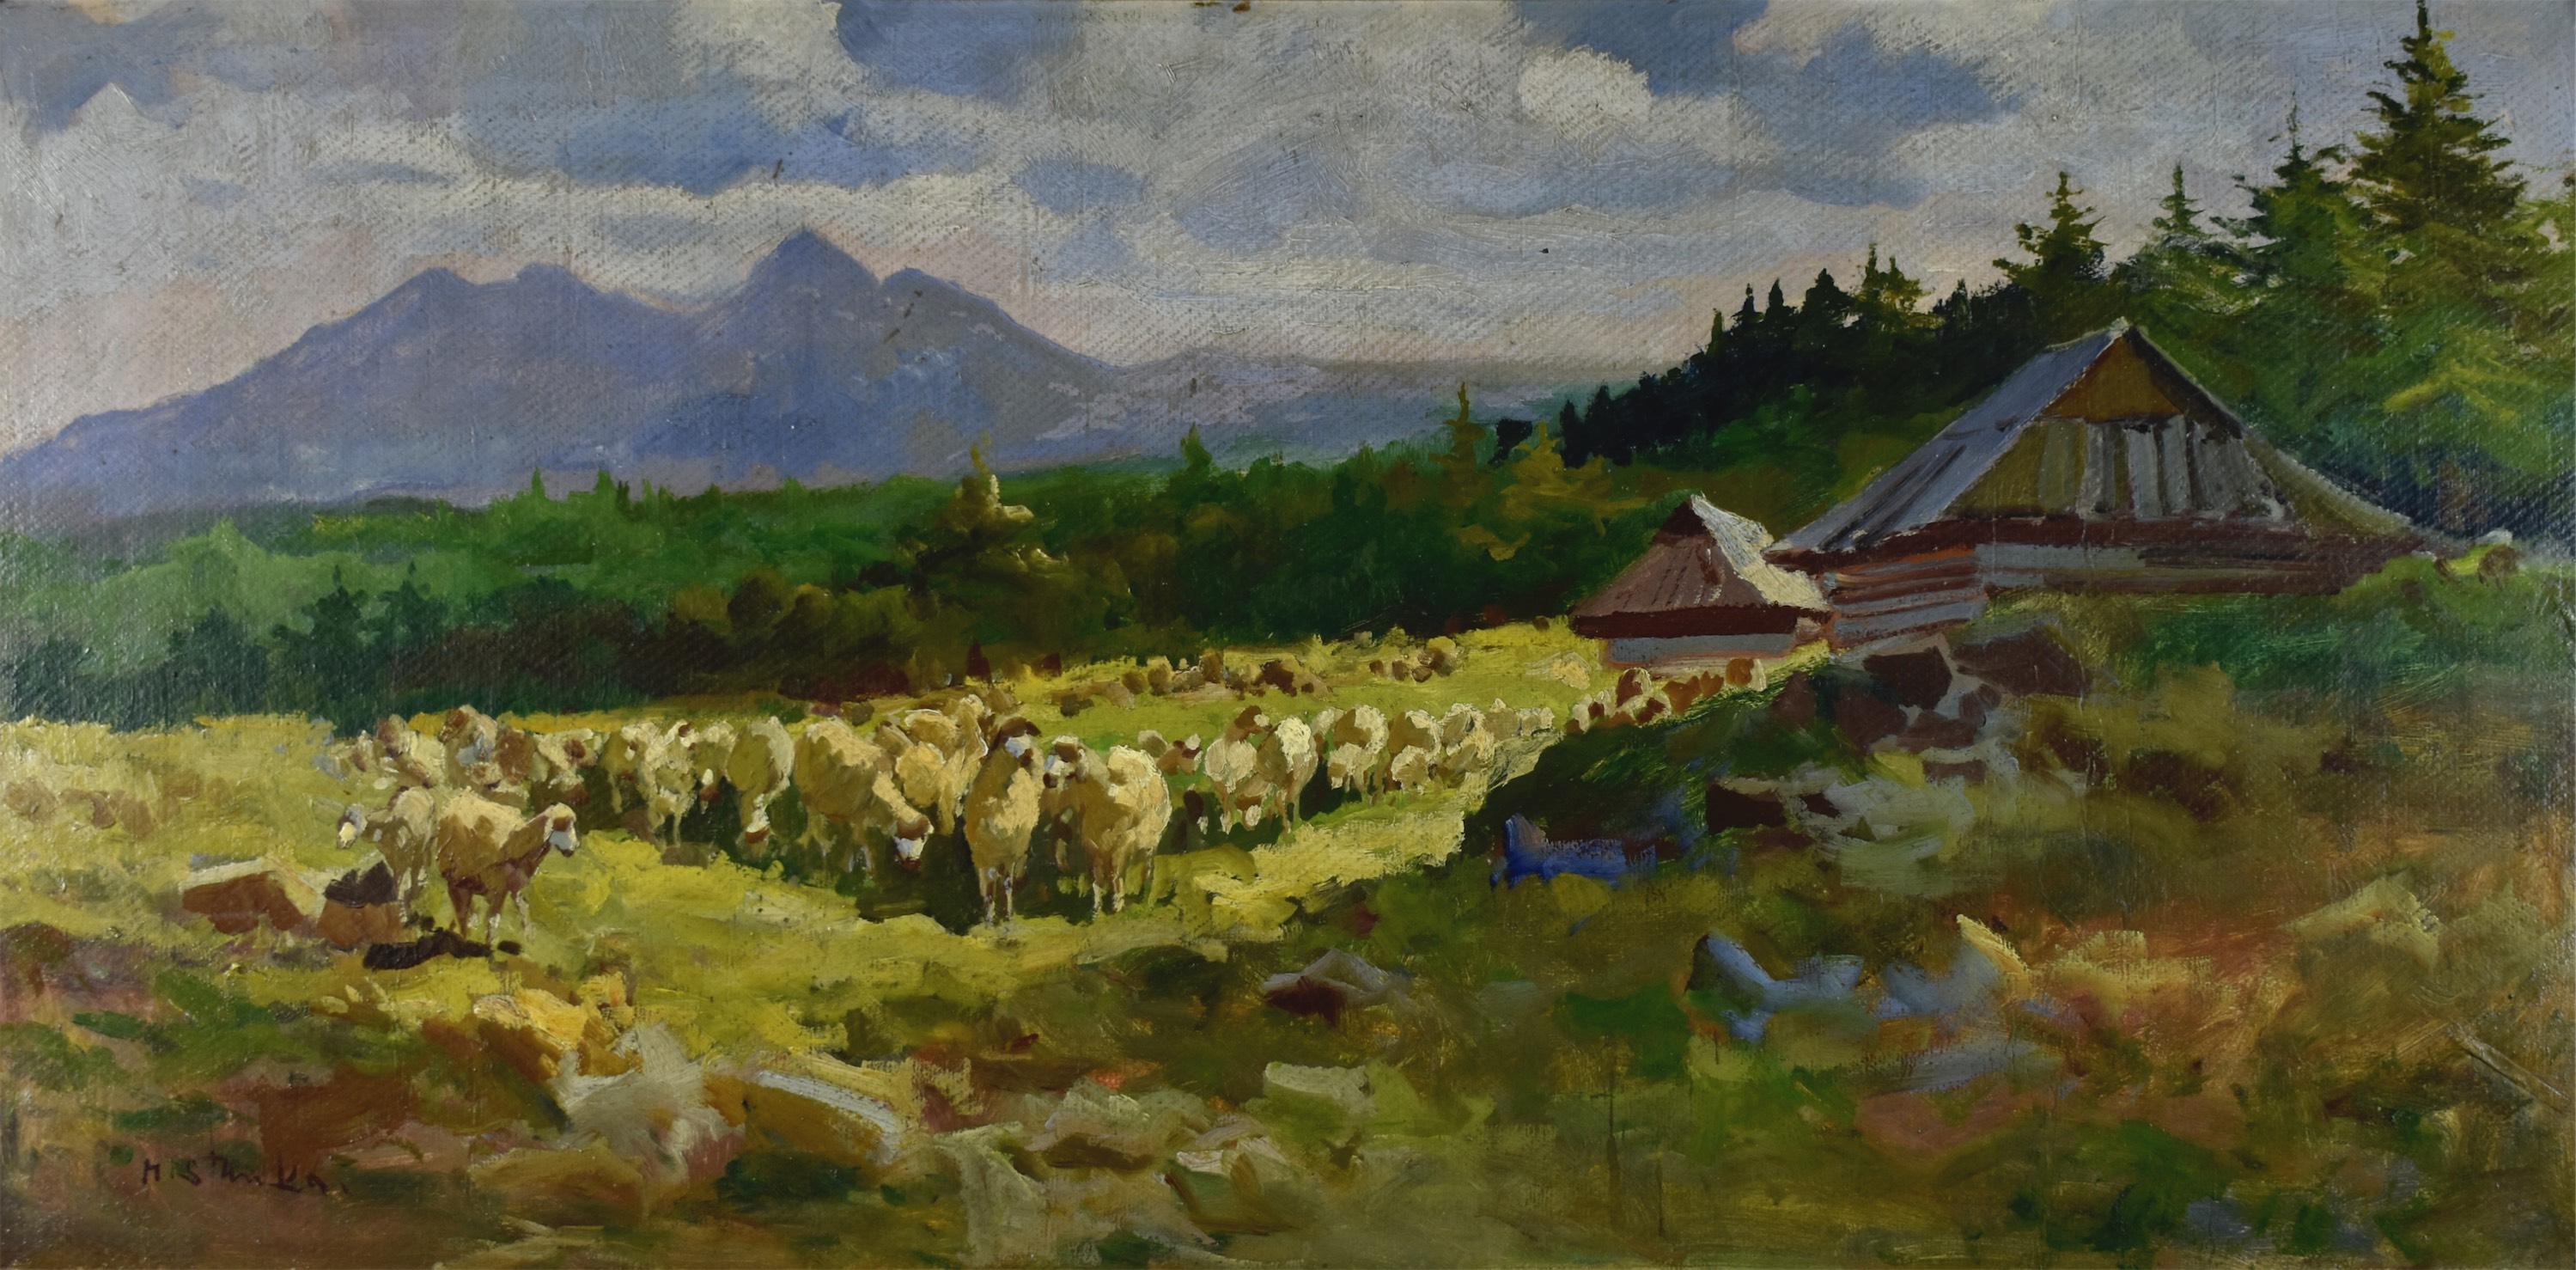 Pejzaż górski z owcami